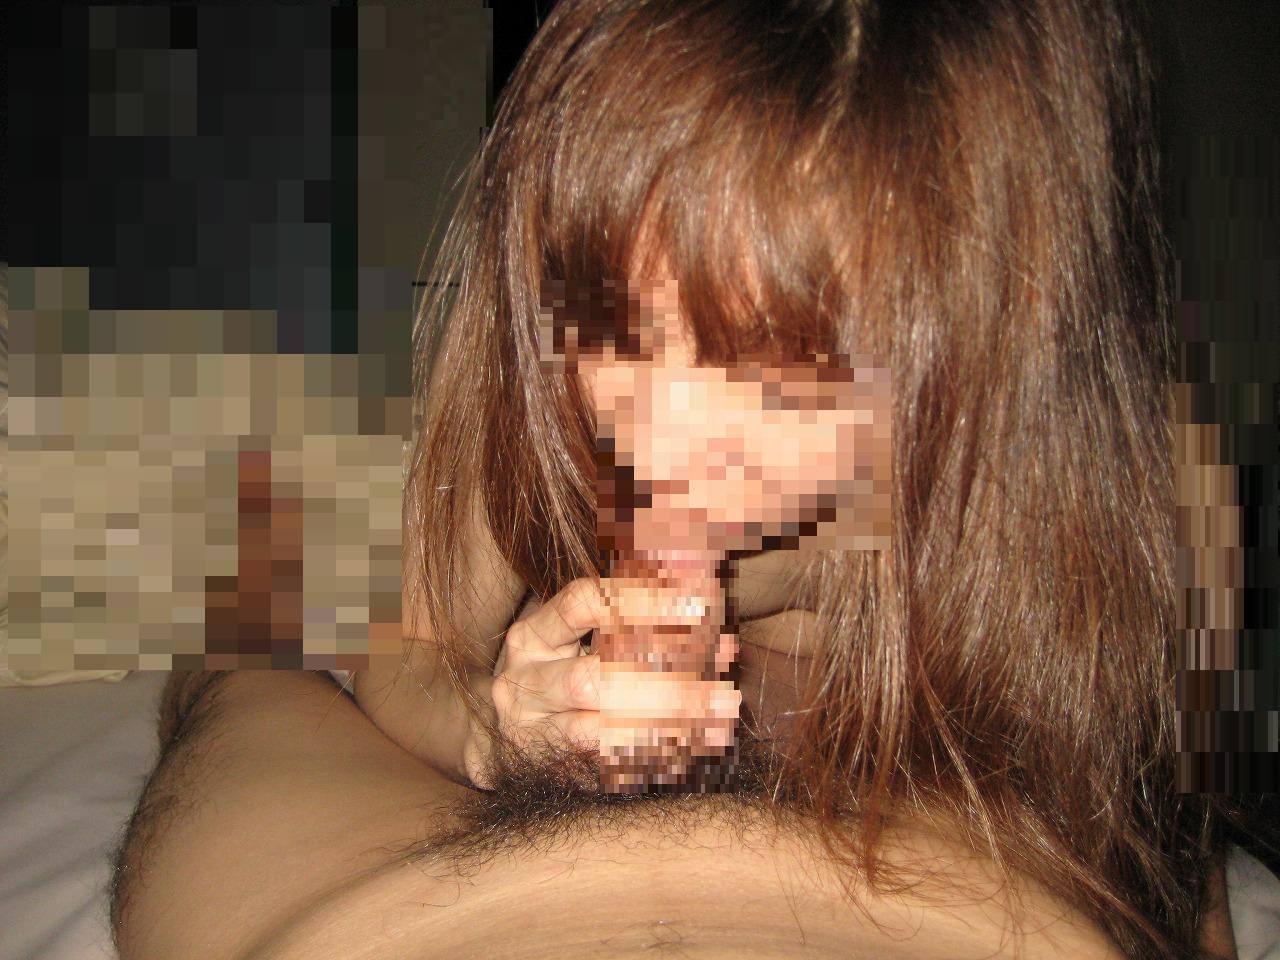 もう一度味わいたい!!大好きだった元カノのフェラ画像投稿するwwwww 15305